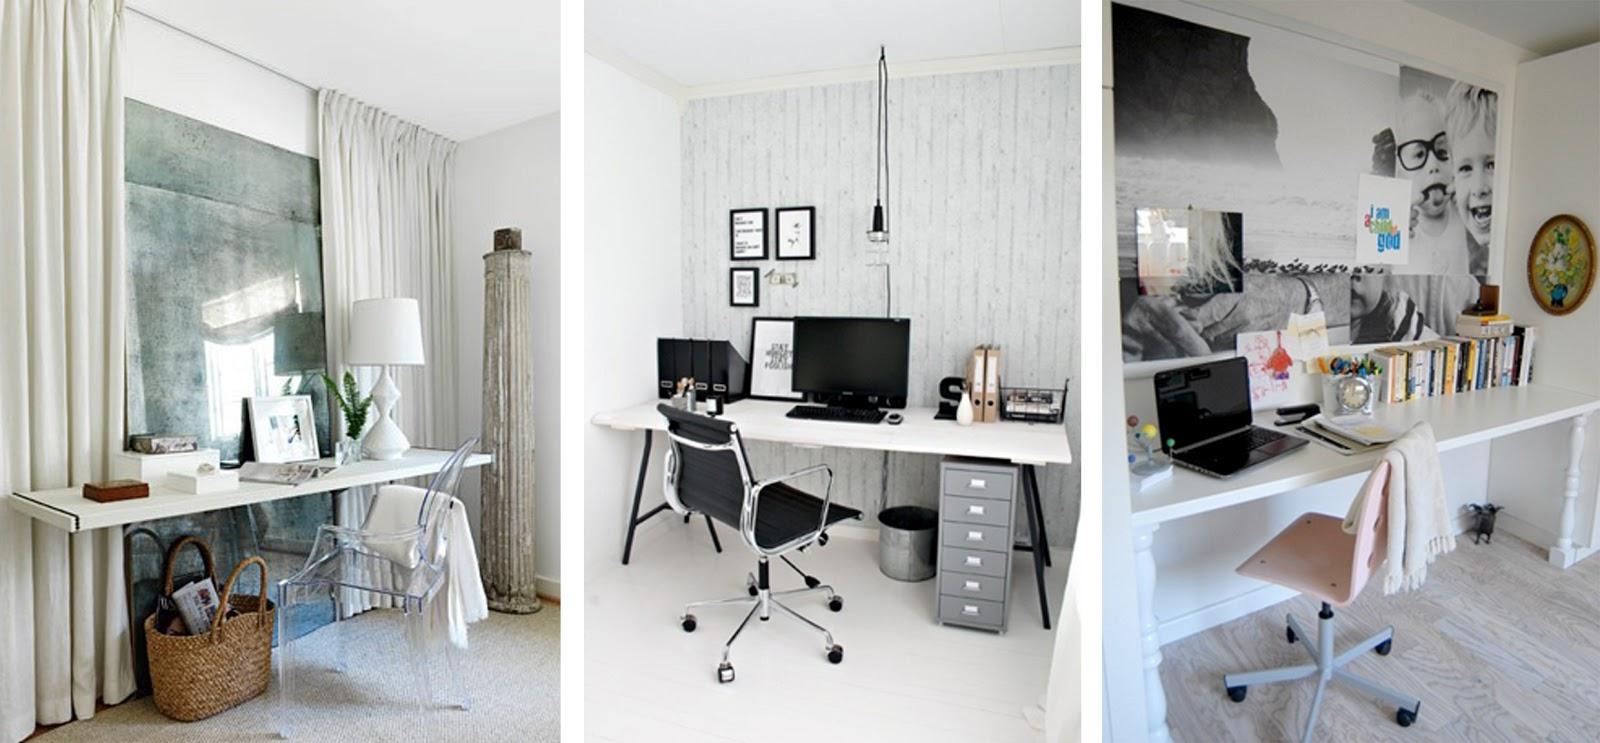 Espacios para trabajar - HomePersonalShopper, casa, luz, blanco, negro, compartido, color, tranquilo, motivador, pequeño, rincón, amplio, luminoso, escondido